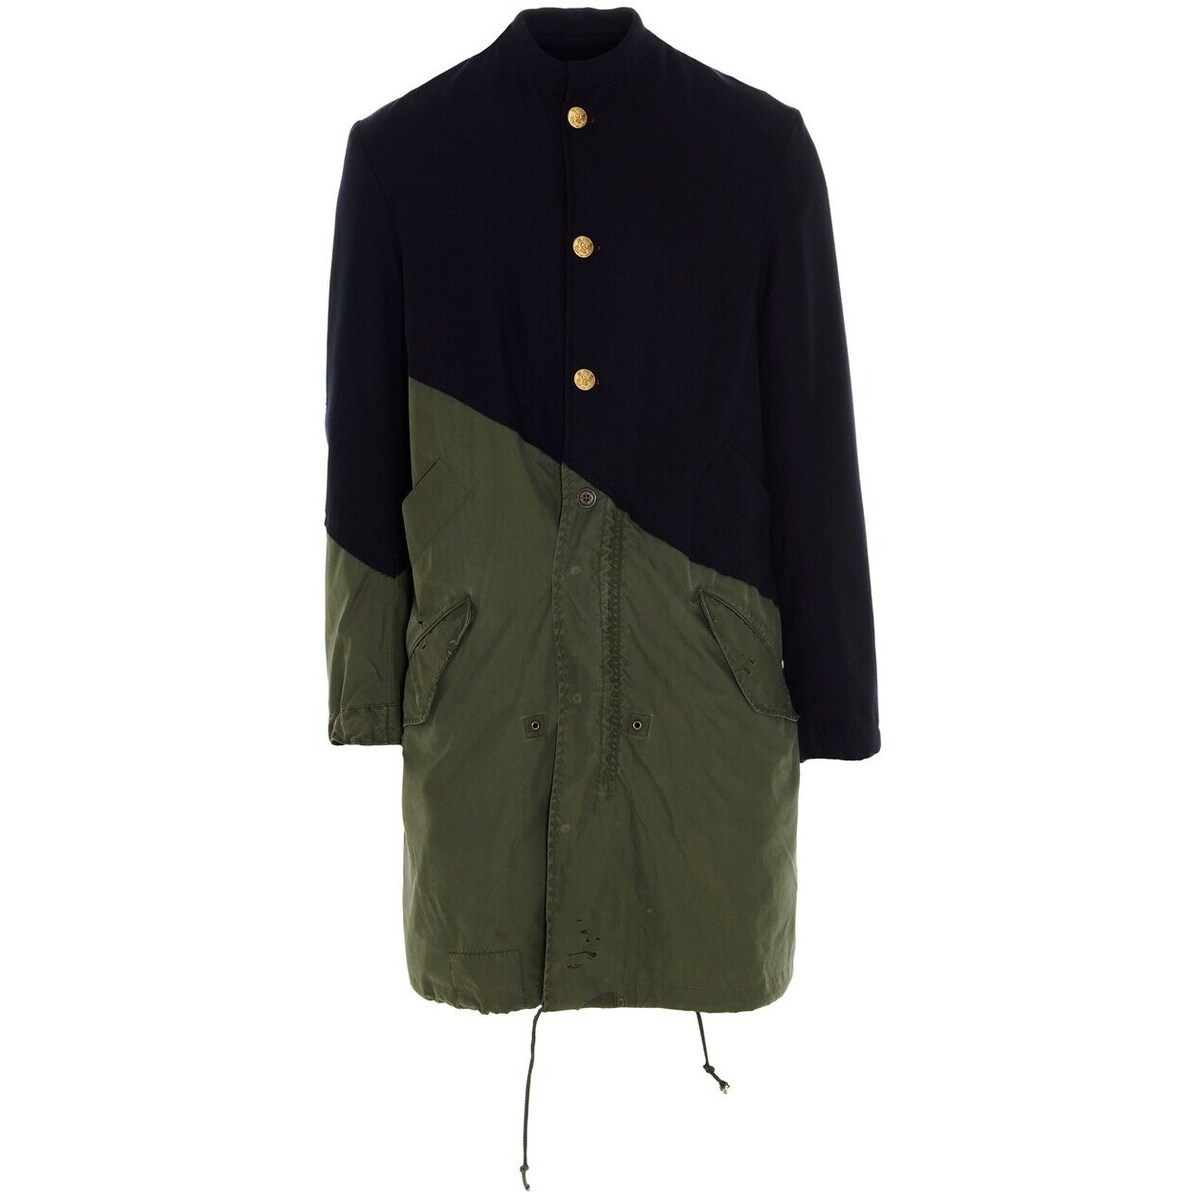 メンズファッション, コート・ジャケット GREG LAUREN Multicolor 5050 officer modern artist parka 2021 BM011NAVYARMY ju